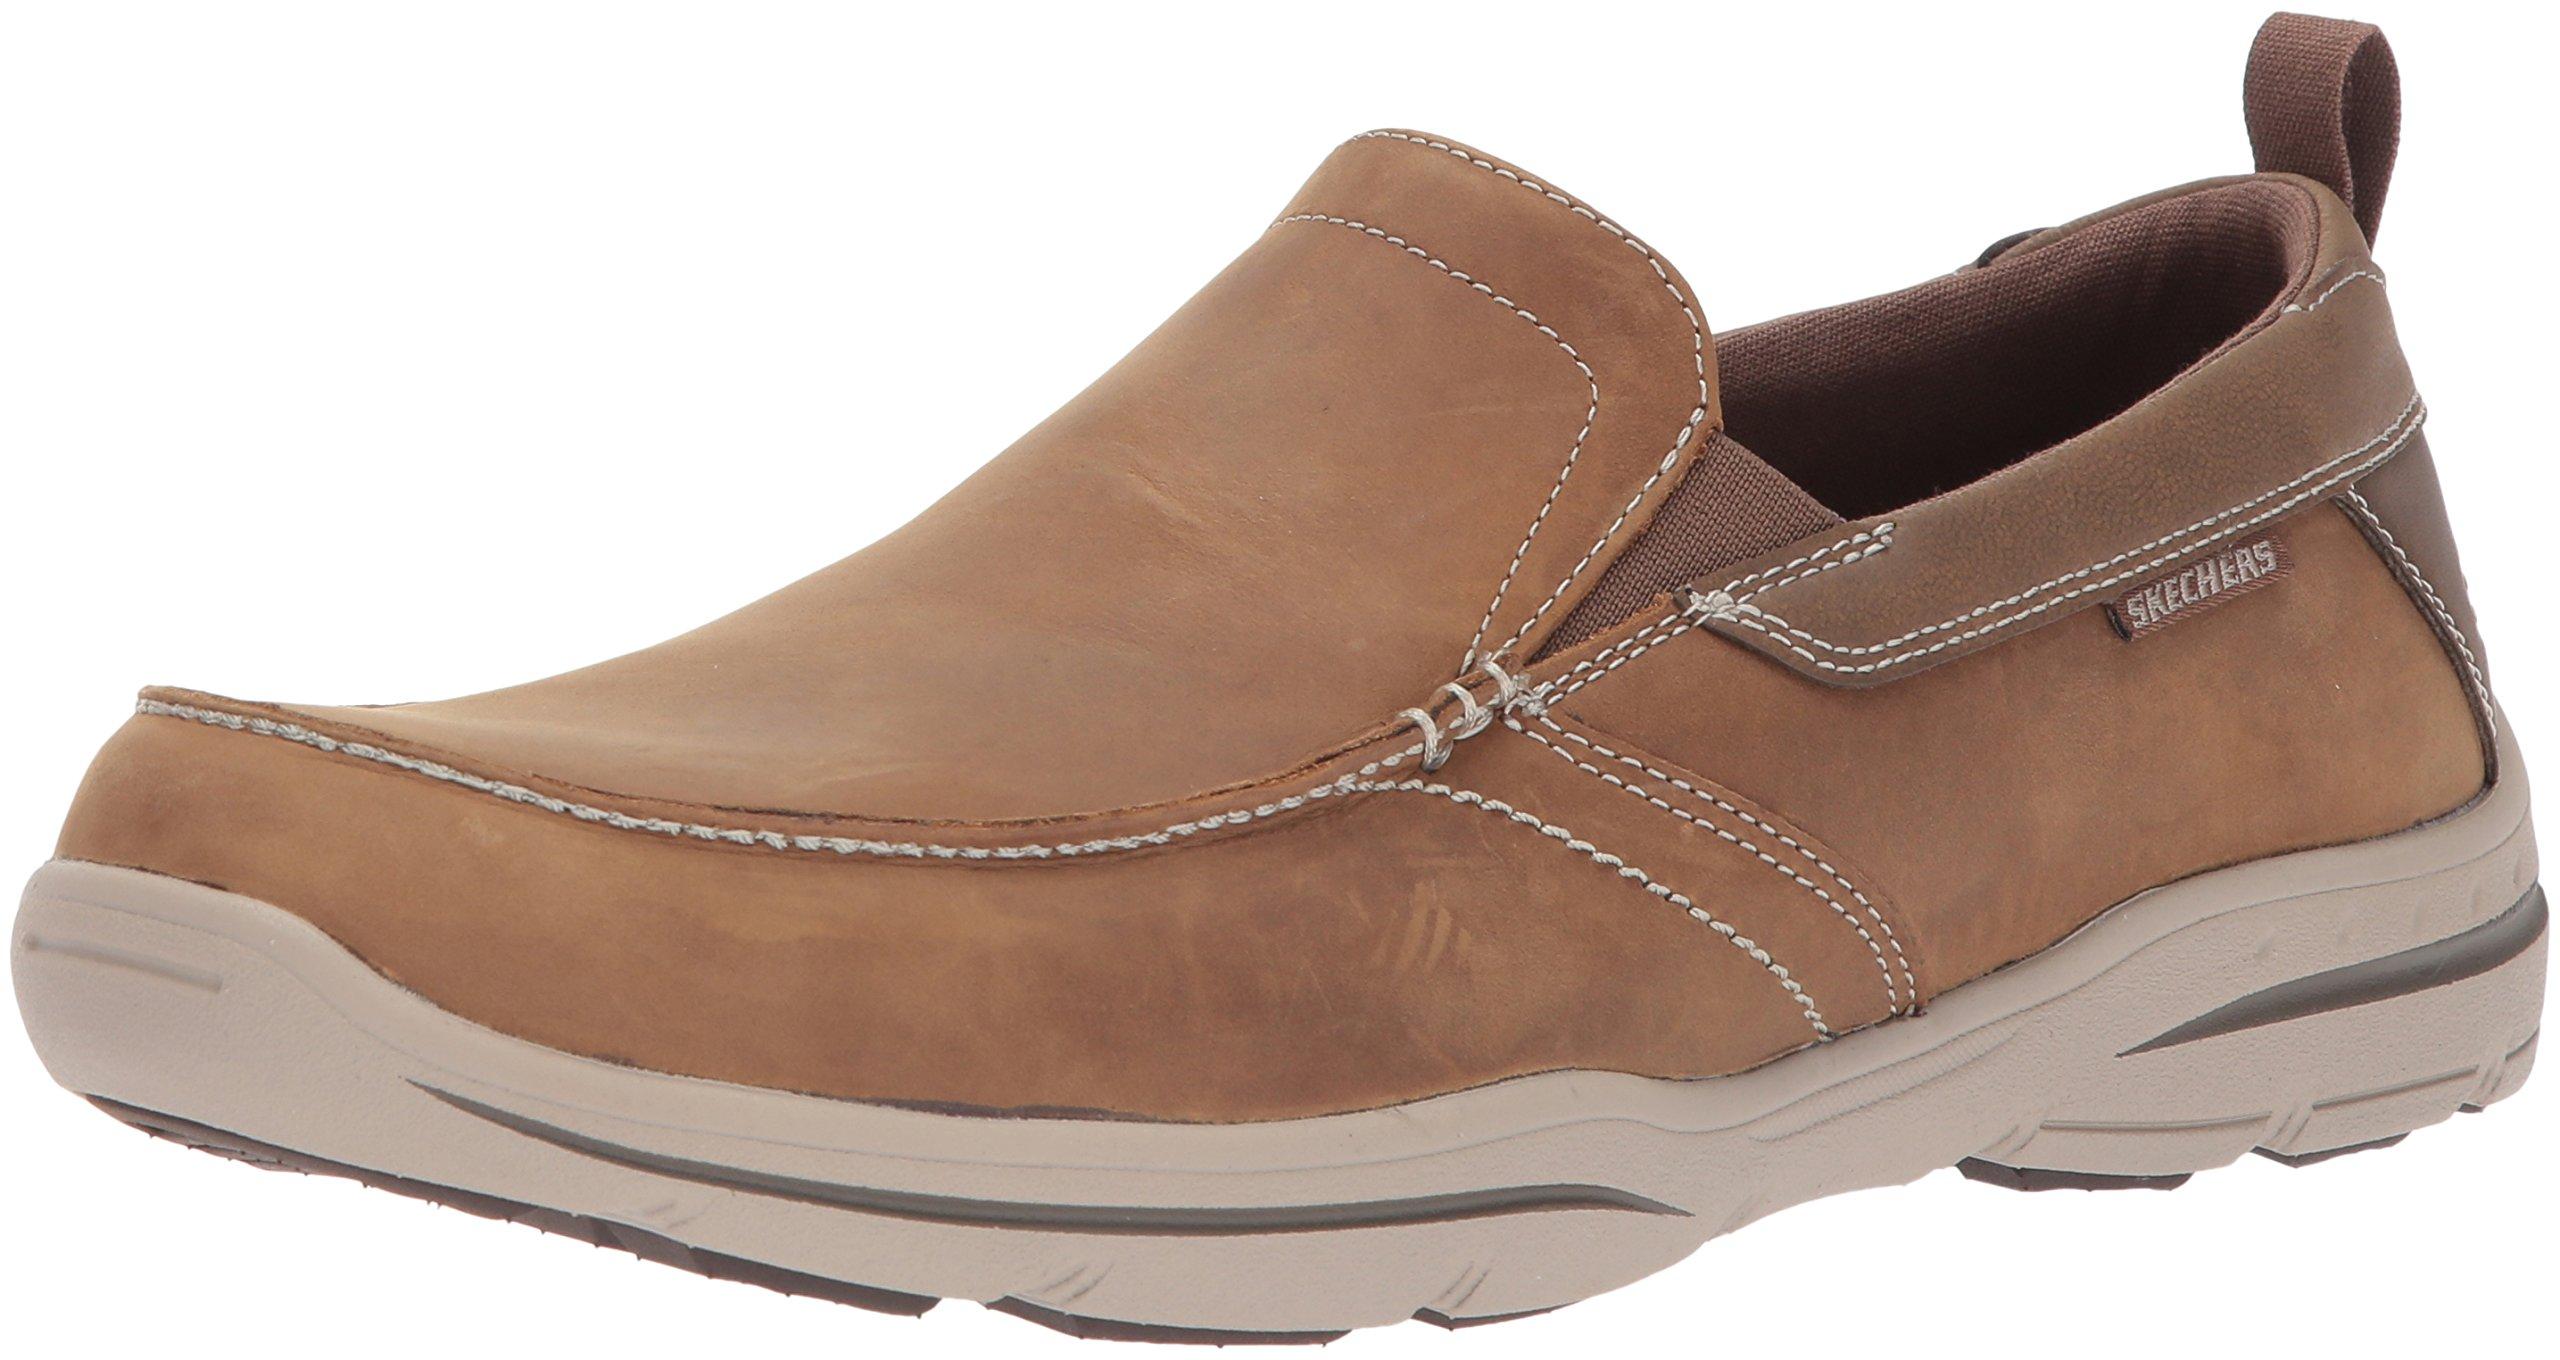 Skechers Men's Harper-Forde Driving Style Loafer, Dsch, 13 Wide US by Skechers